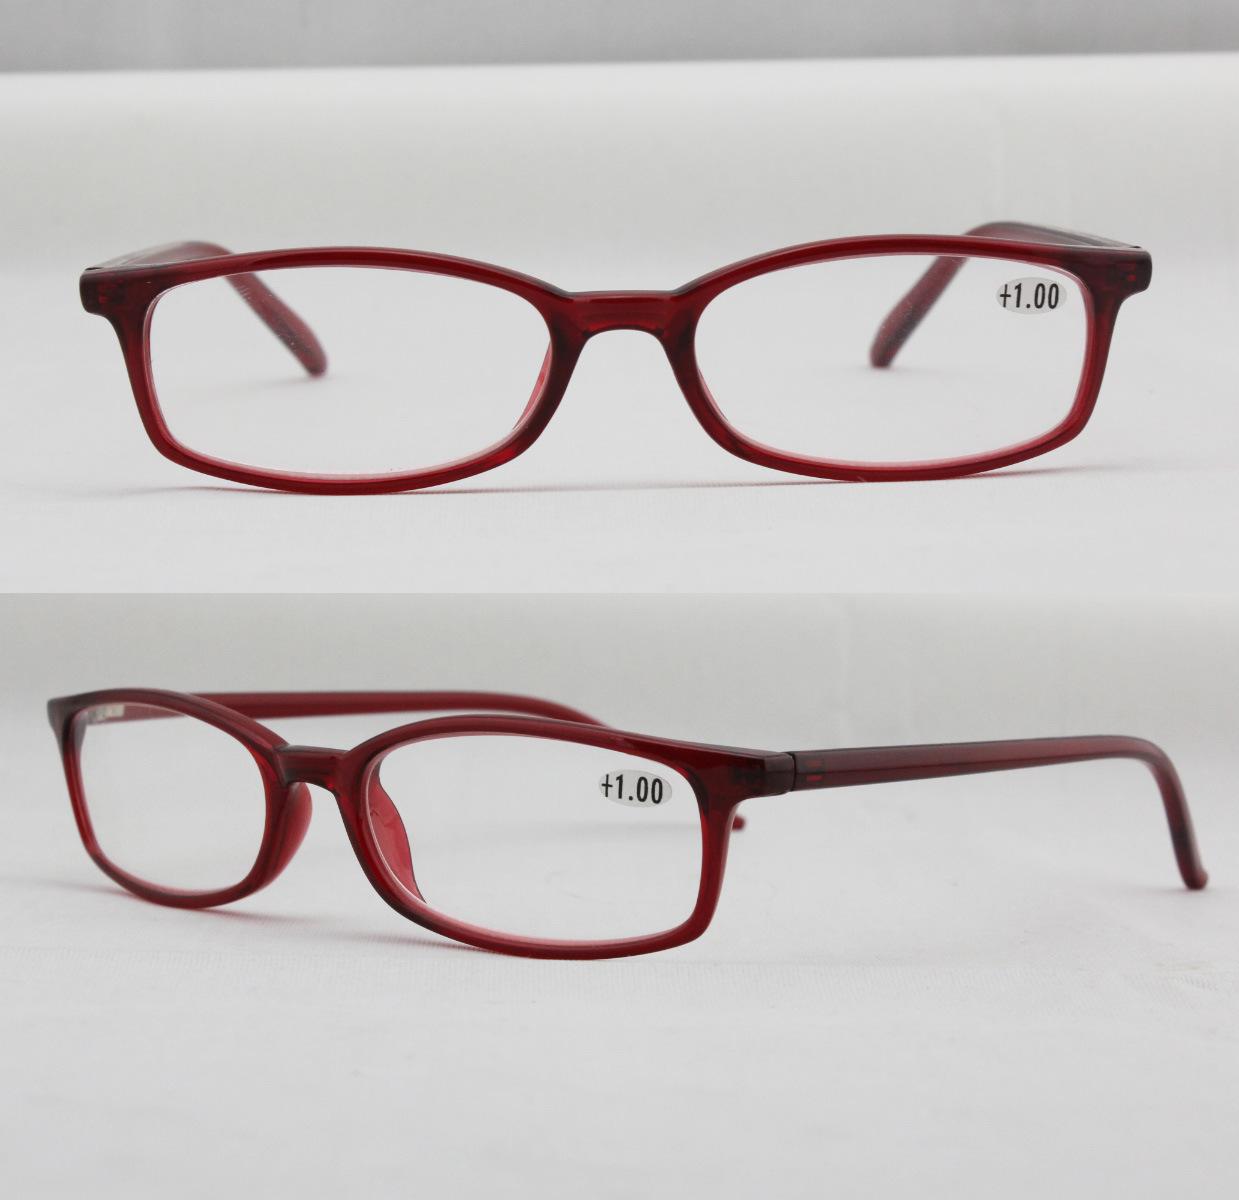 China Designer Name Brand Optical Frame Reading Glasses/Eyeglasses/Eyewear/Spectacles - China Reading Glasses and Spectacles price